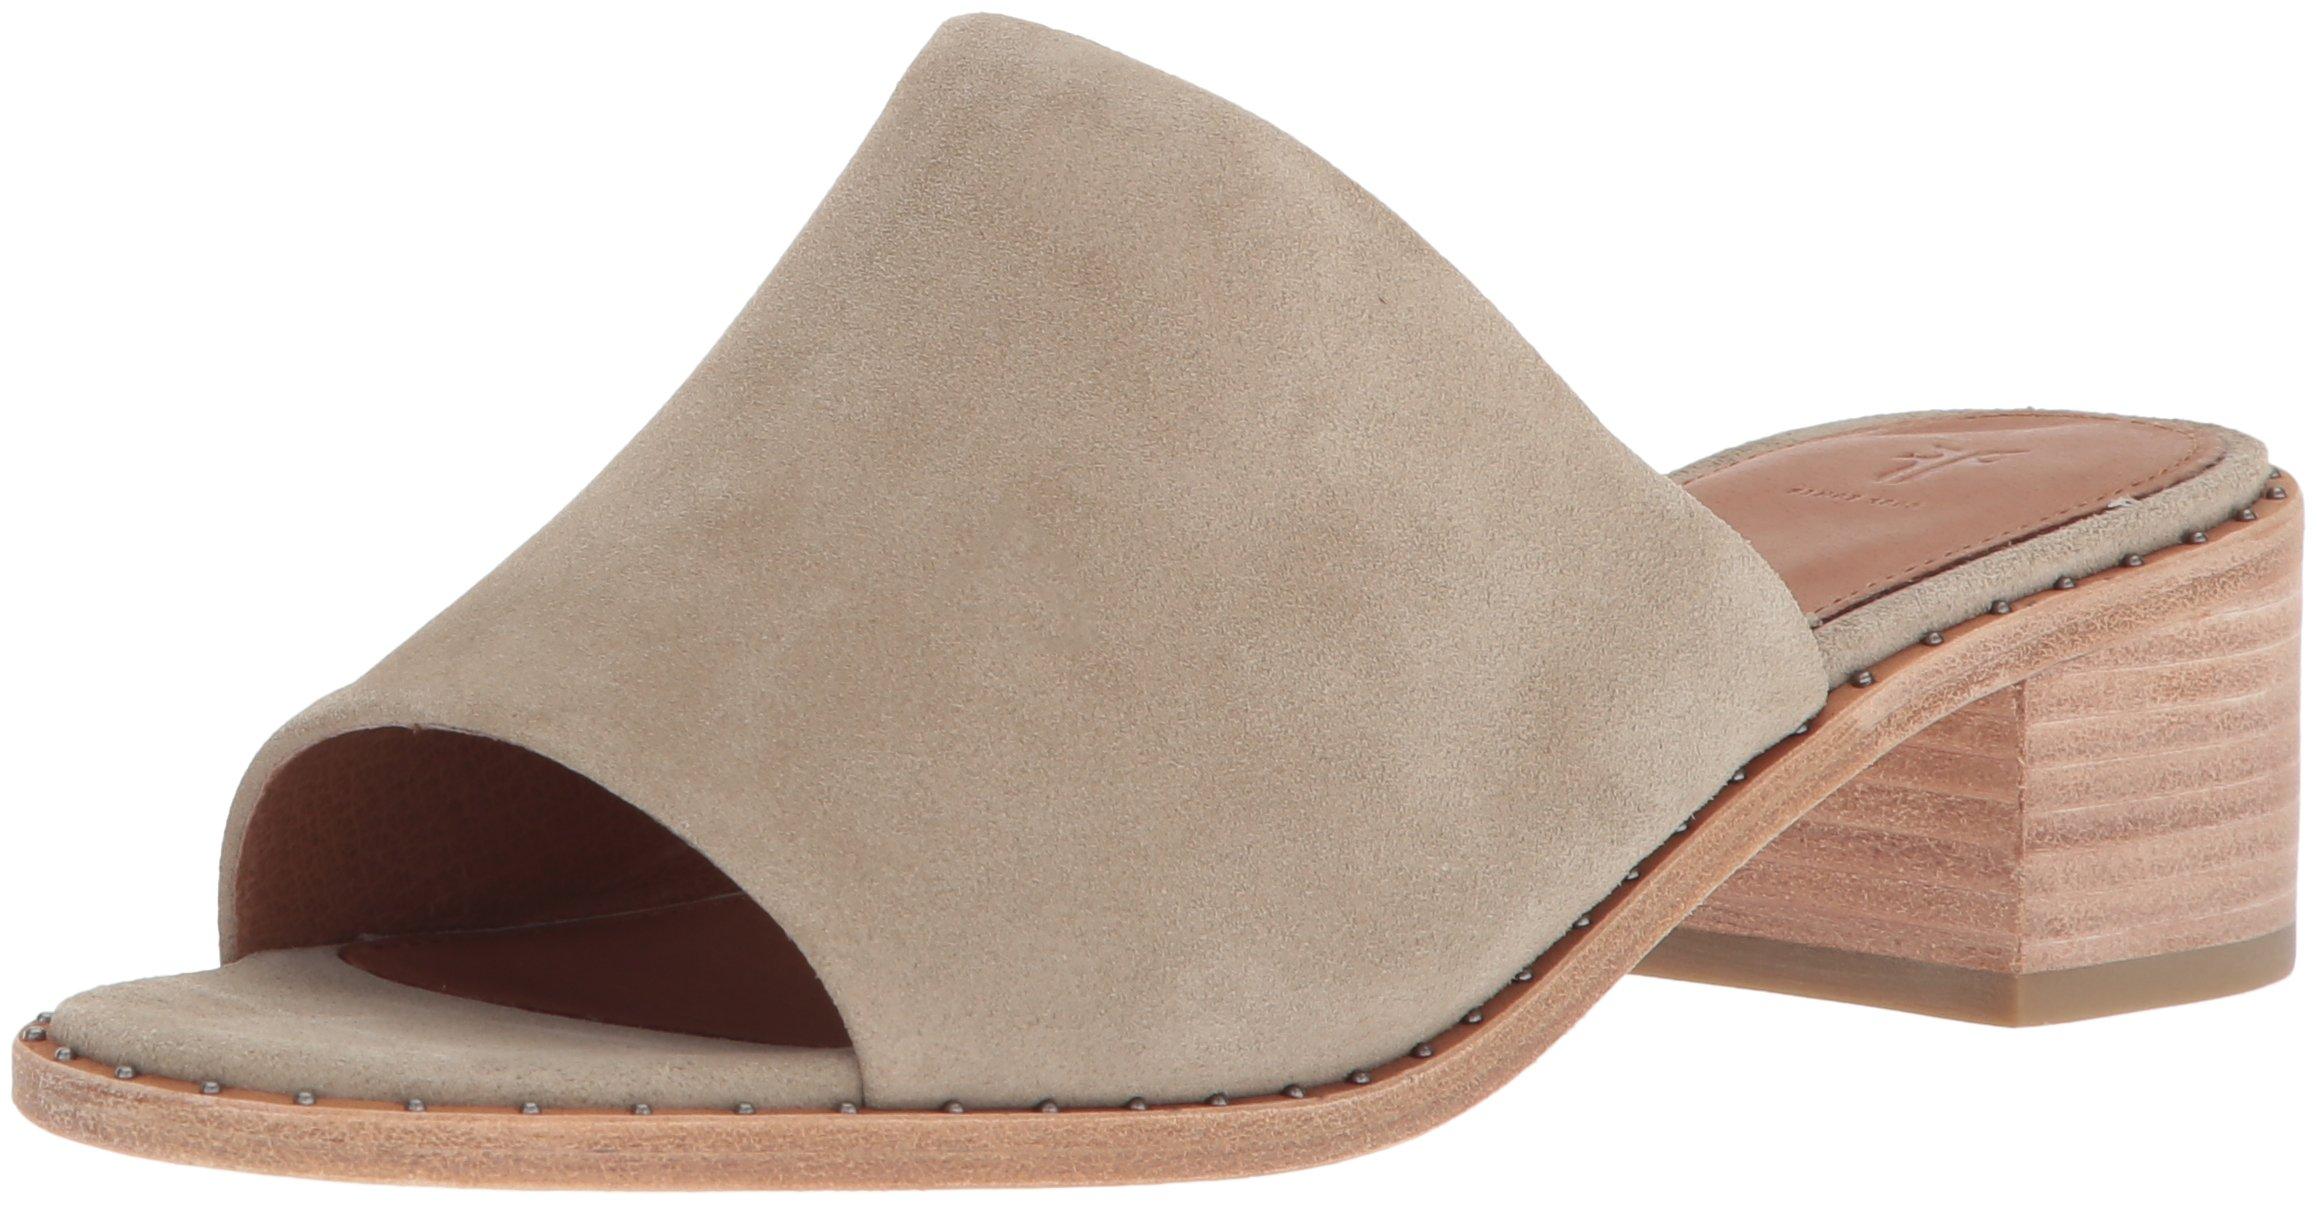 FRYE Women's Cindy Mule Heeled Sandal, Cement, 9 M US